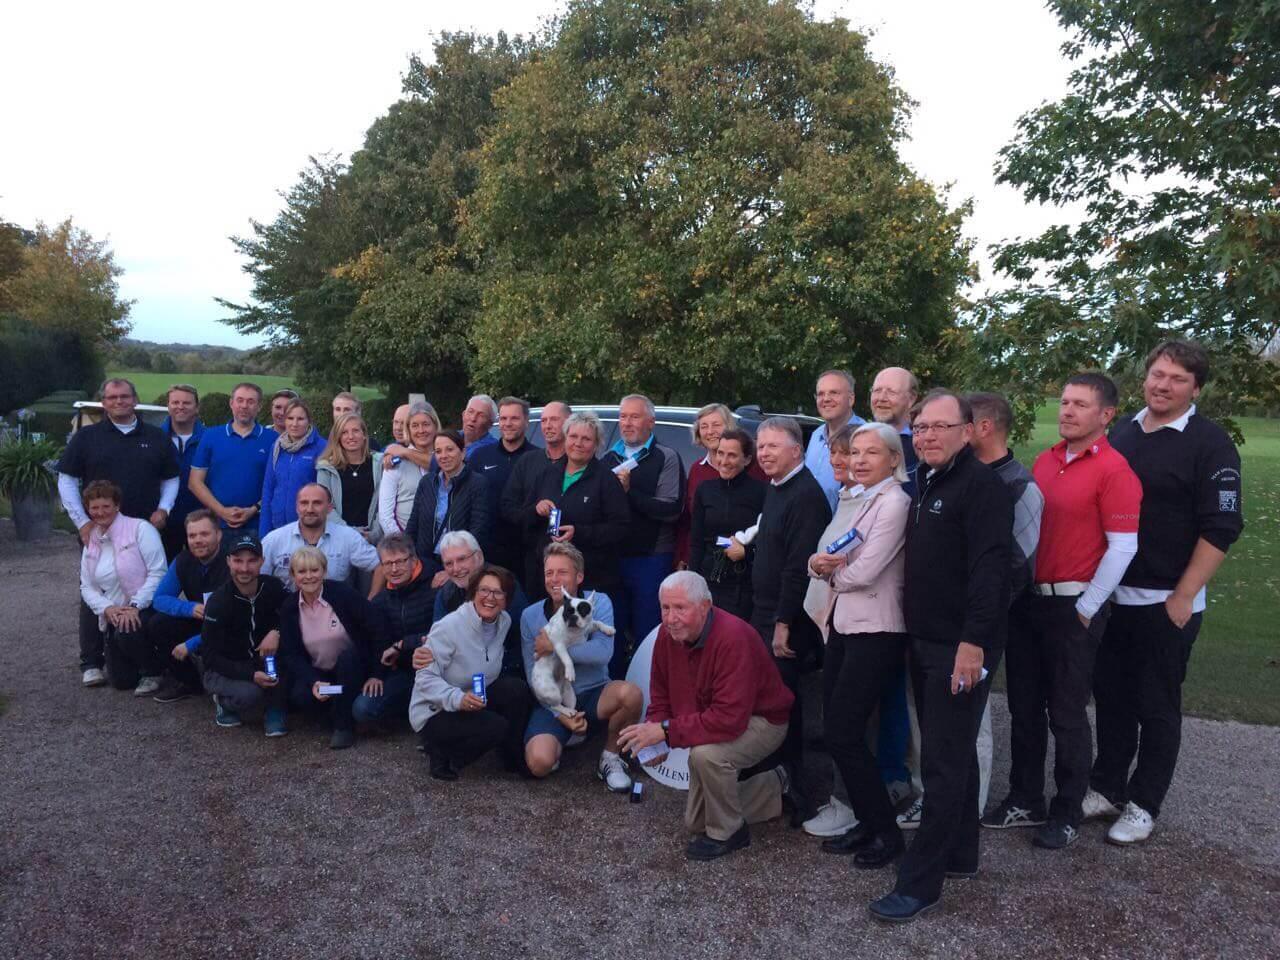 Golfturnier auf dem Golf- und Landclub Uhlenhorst